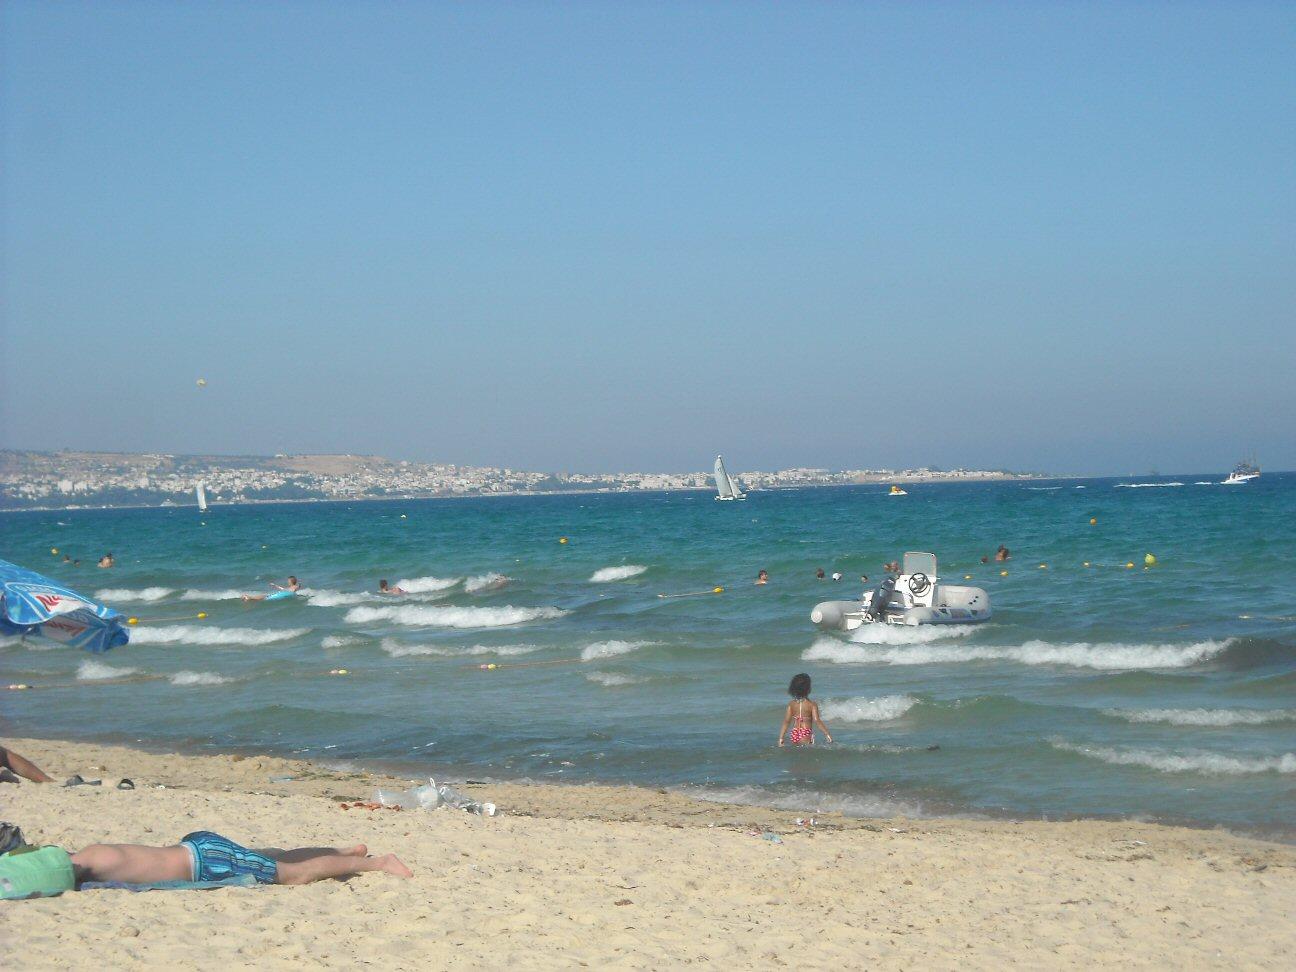 Cap bon e la medina di hammamet - Immagini da colorare la spiaggia ...